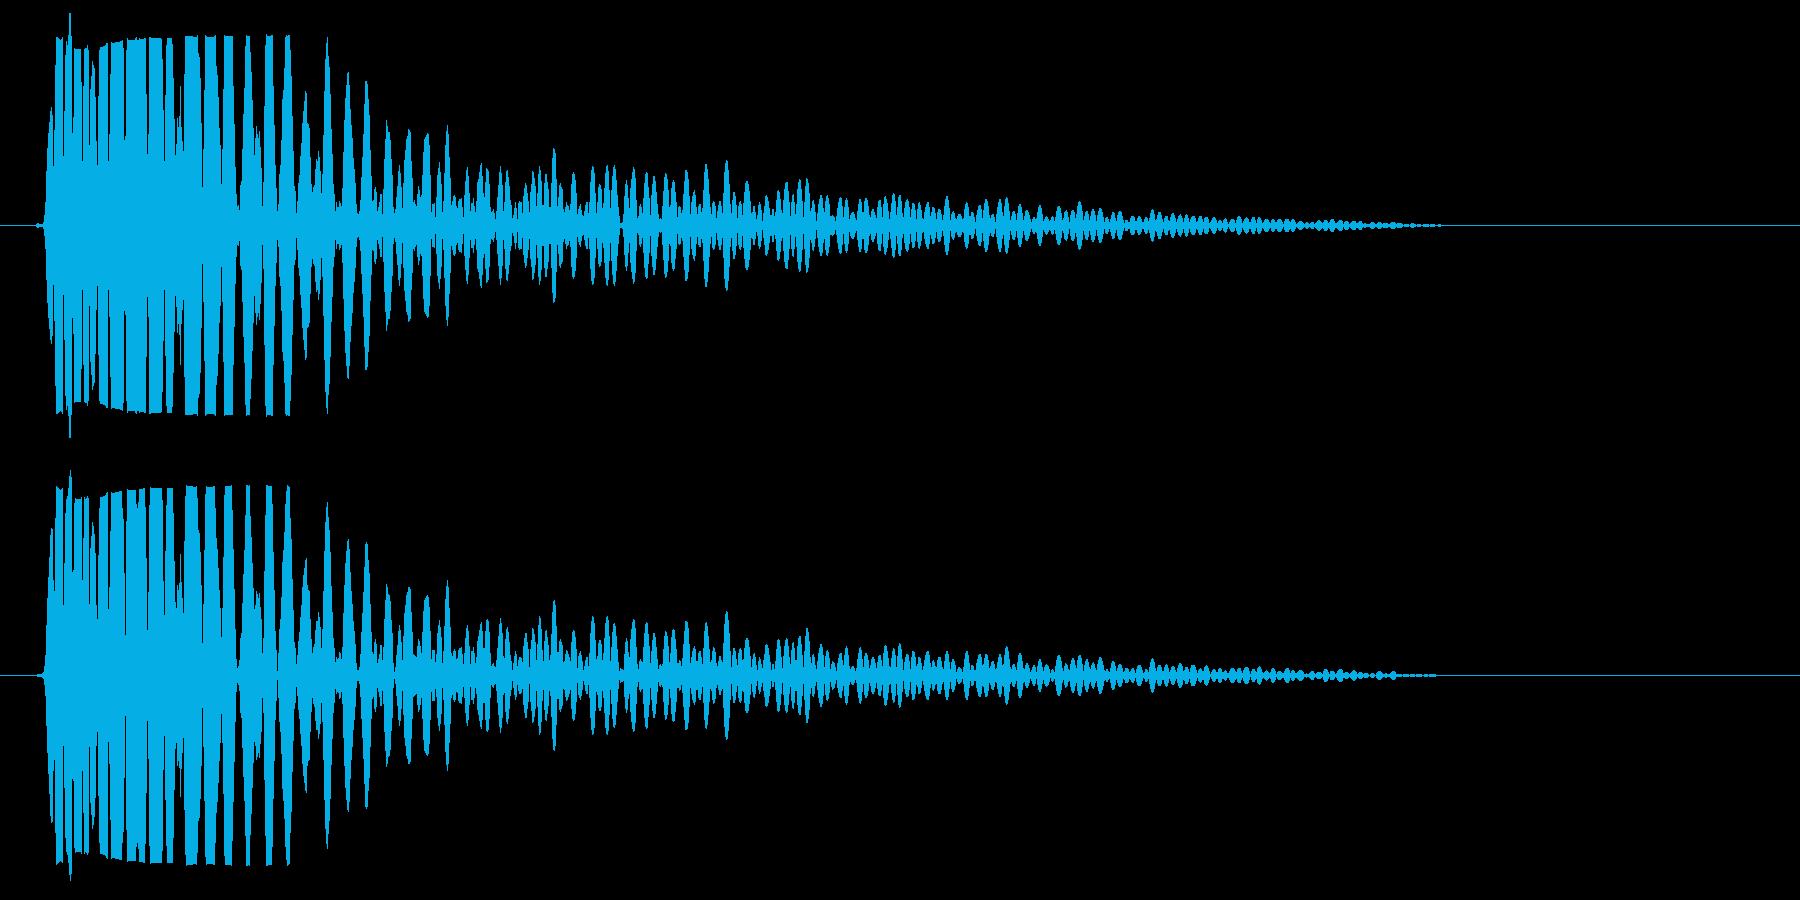 ボンッ(太鼓・ドラムのような音)の再生済みの波形